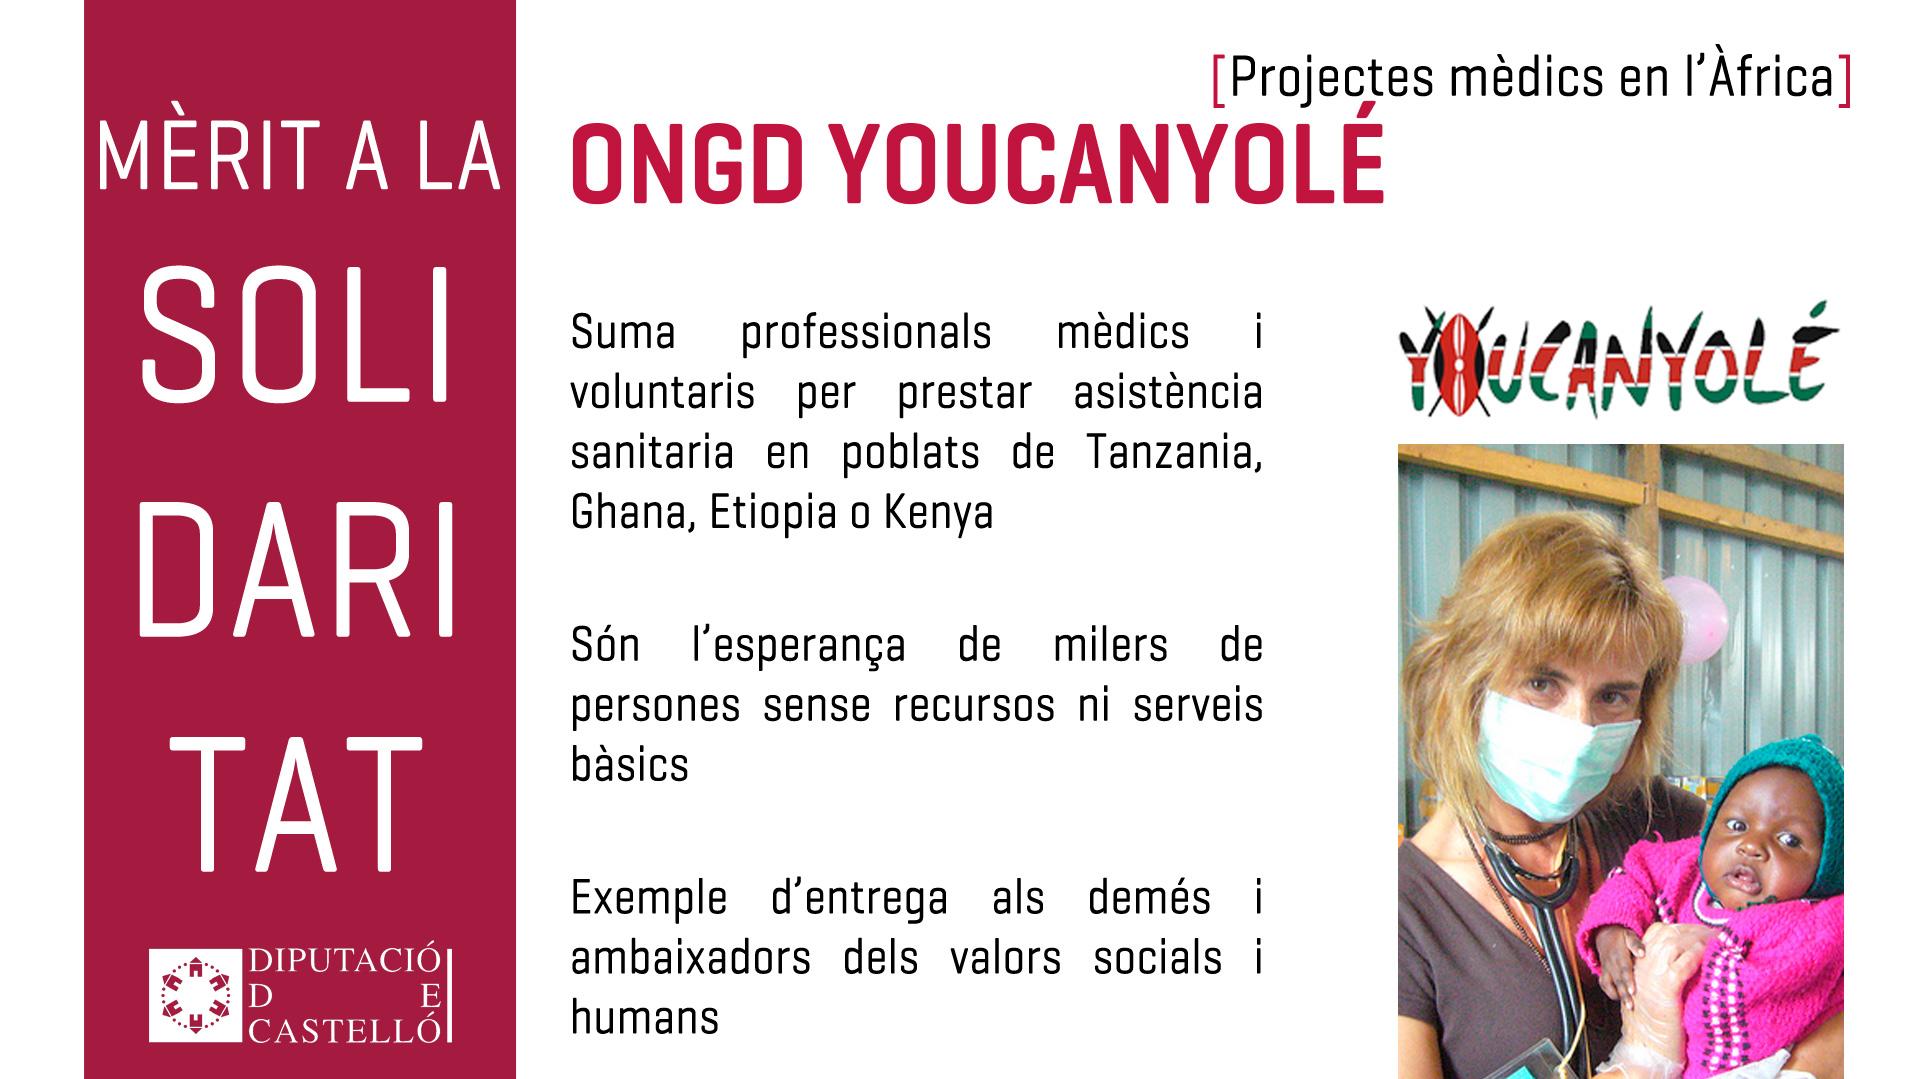 ONGD Youcanyole